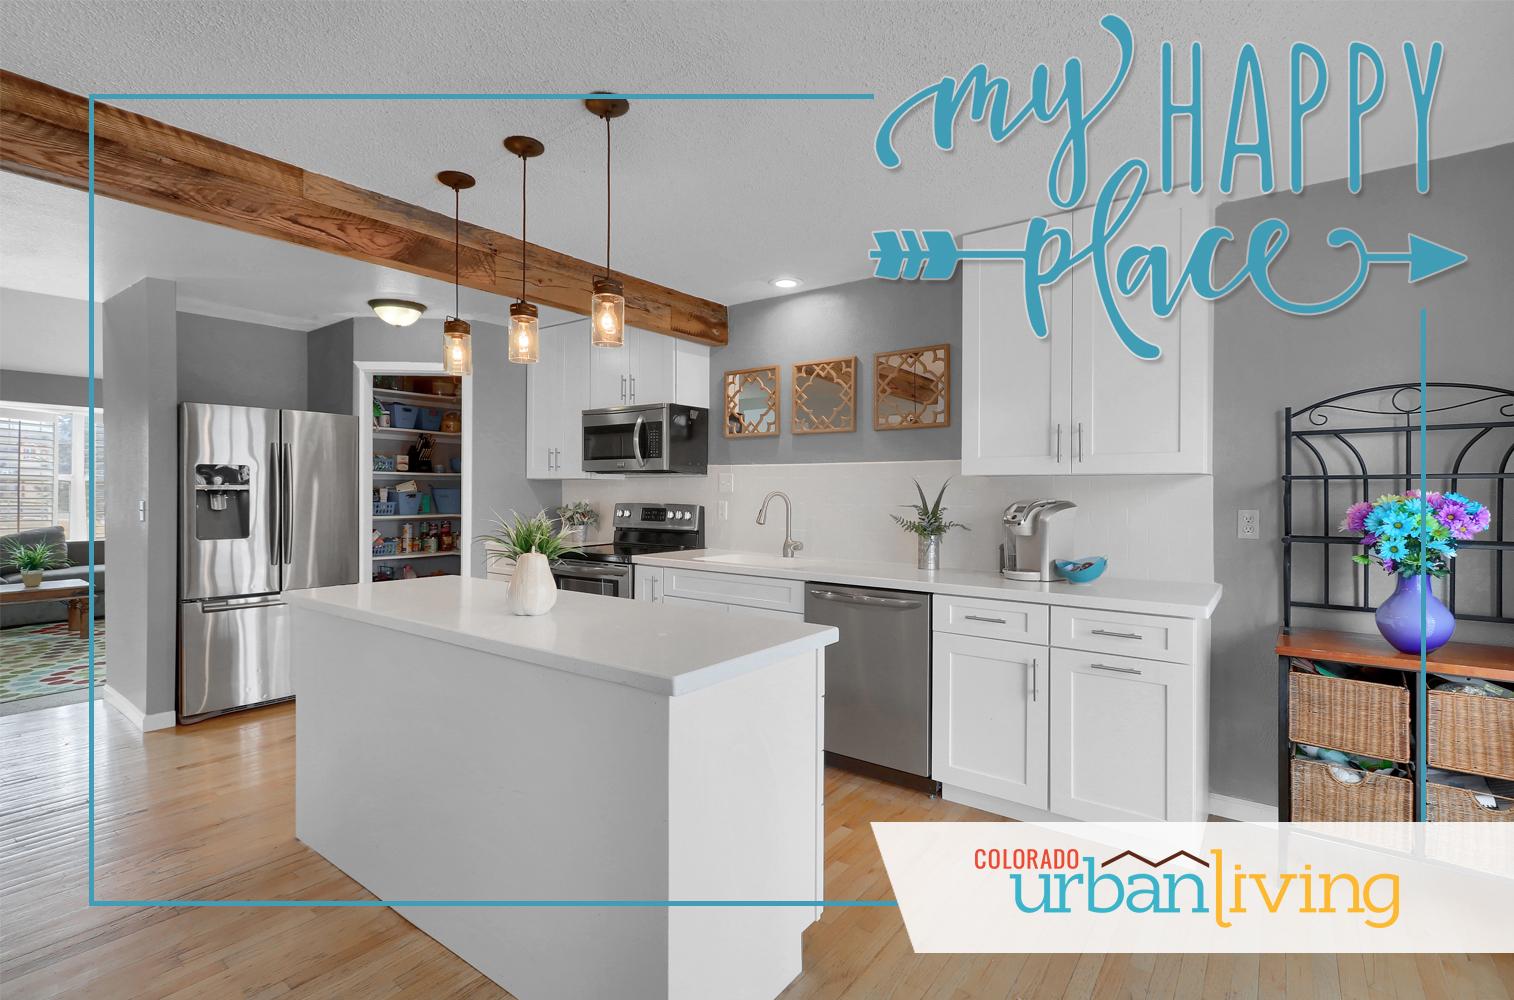 Kitchen - social media.jpg